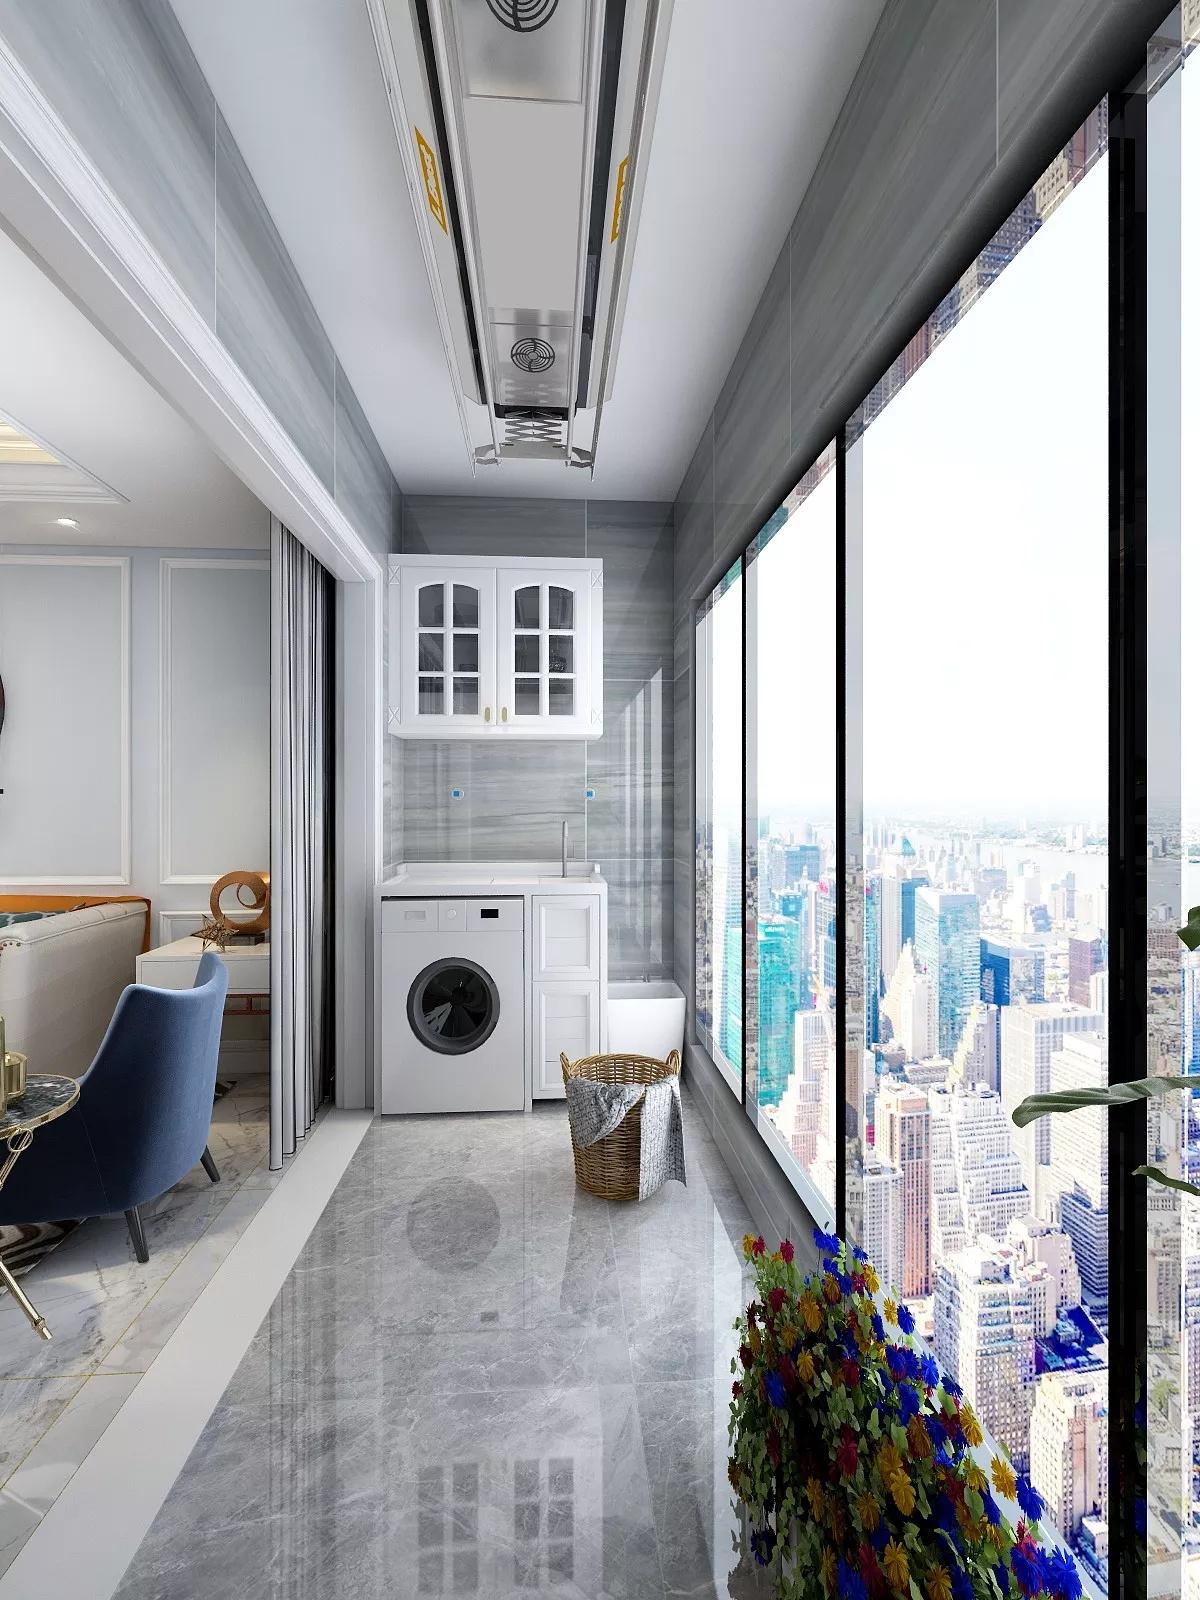 電動窗簾要如何清潔保養?電動窗簾清潔保養方法